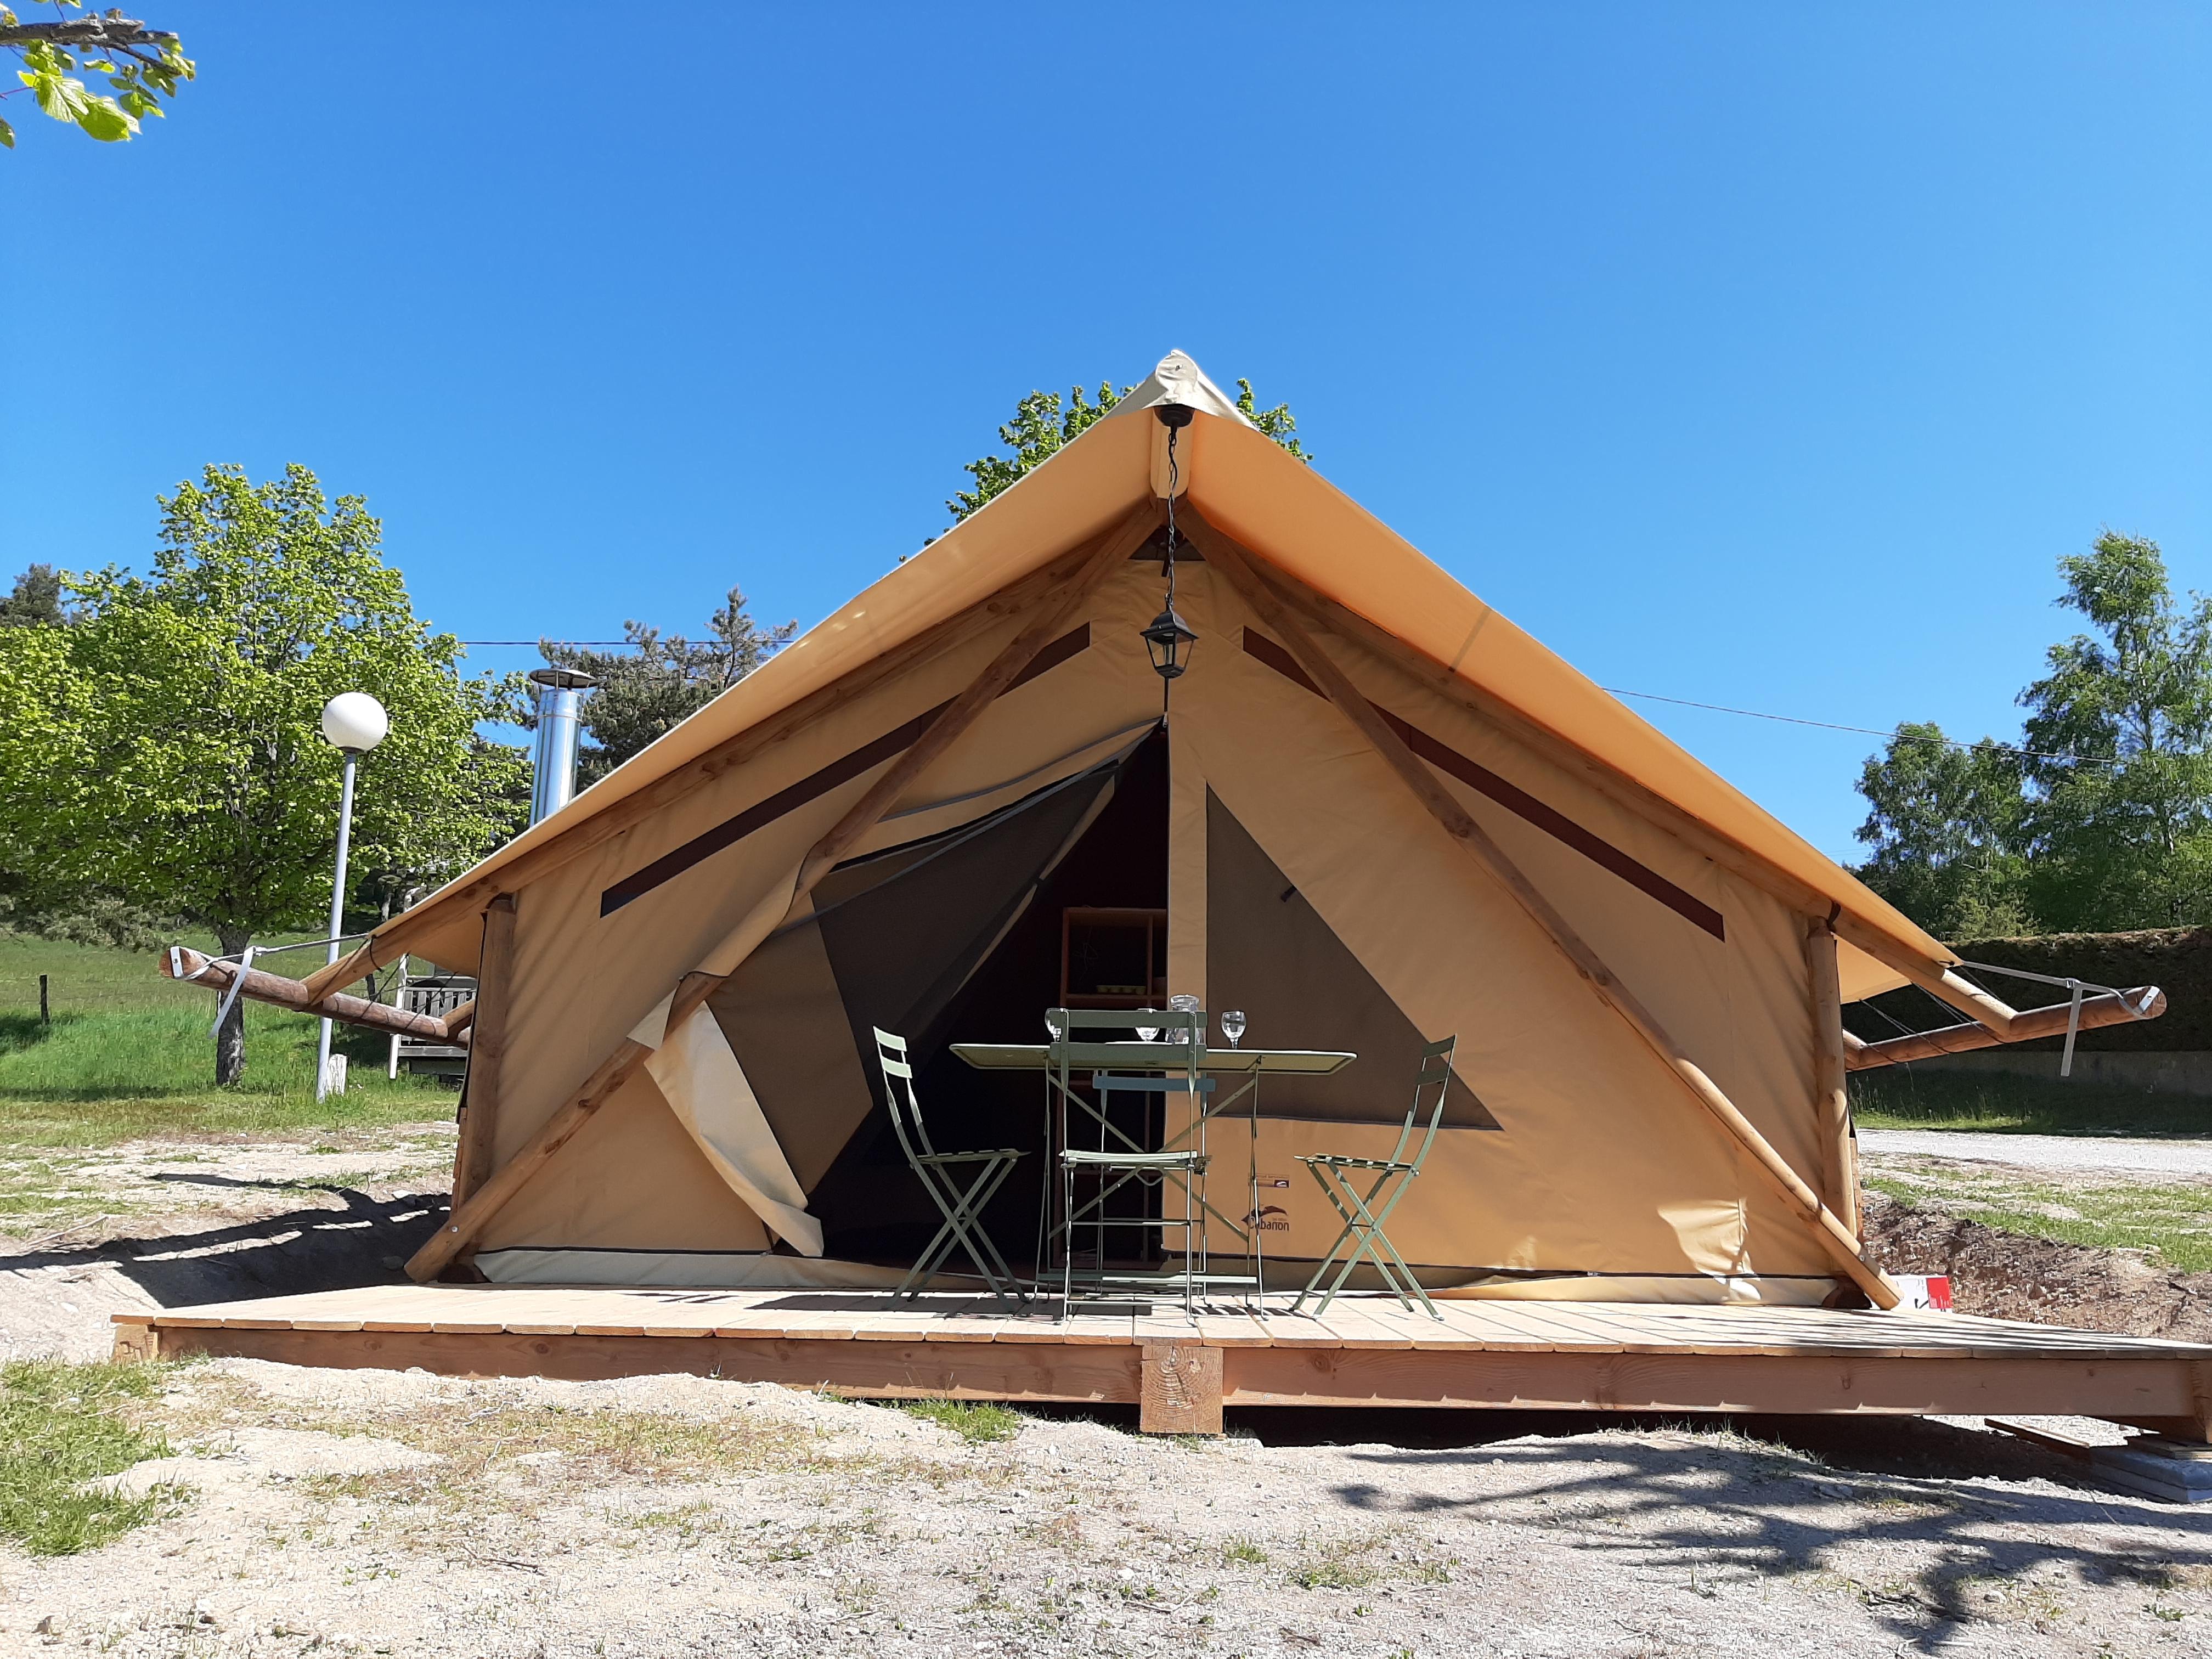 Tente Lodge Safari (Lalouvesc,Ardèche), Unusual accommodati